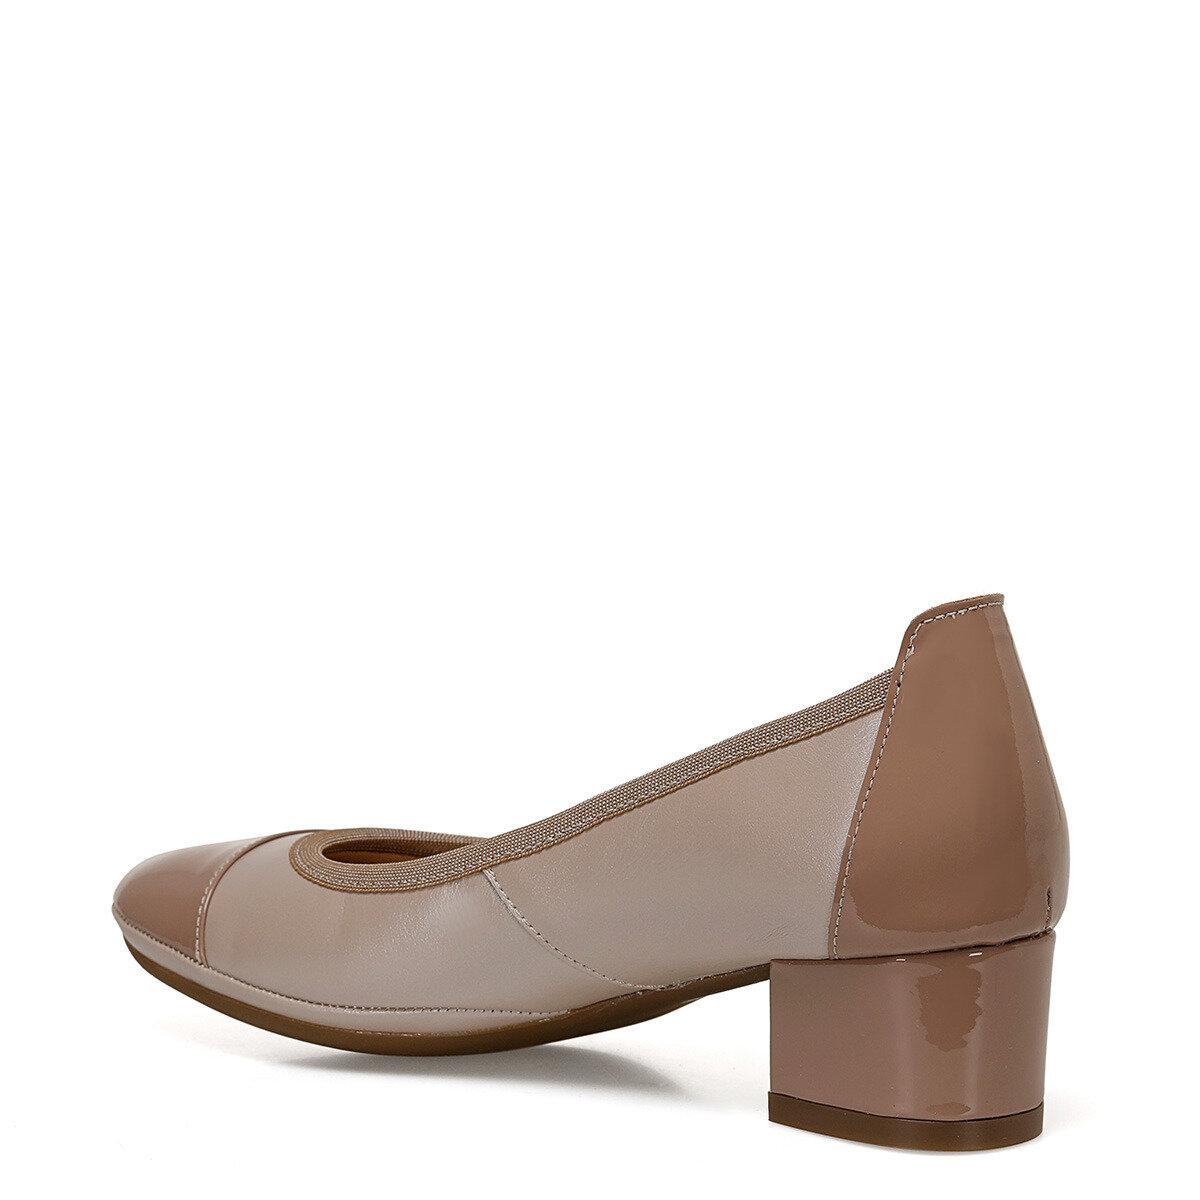 FLEXINE Pudra Kadın Topuklu Ayakkabı